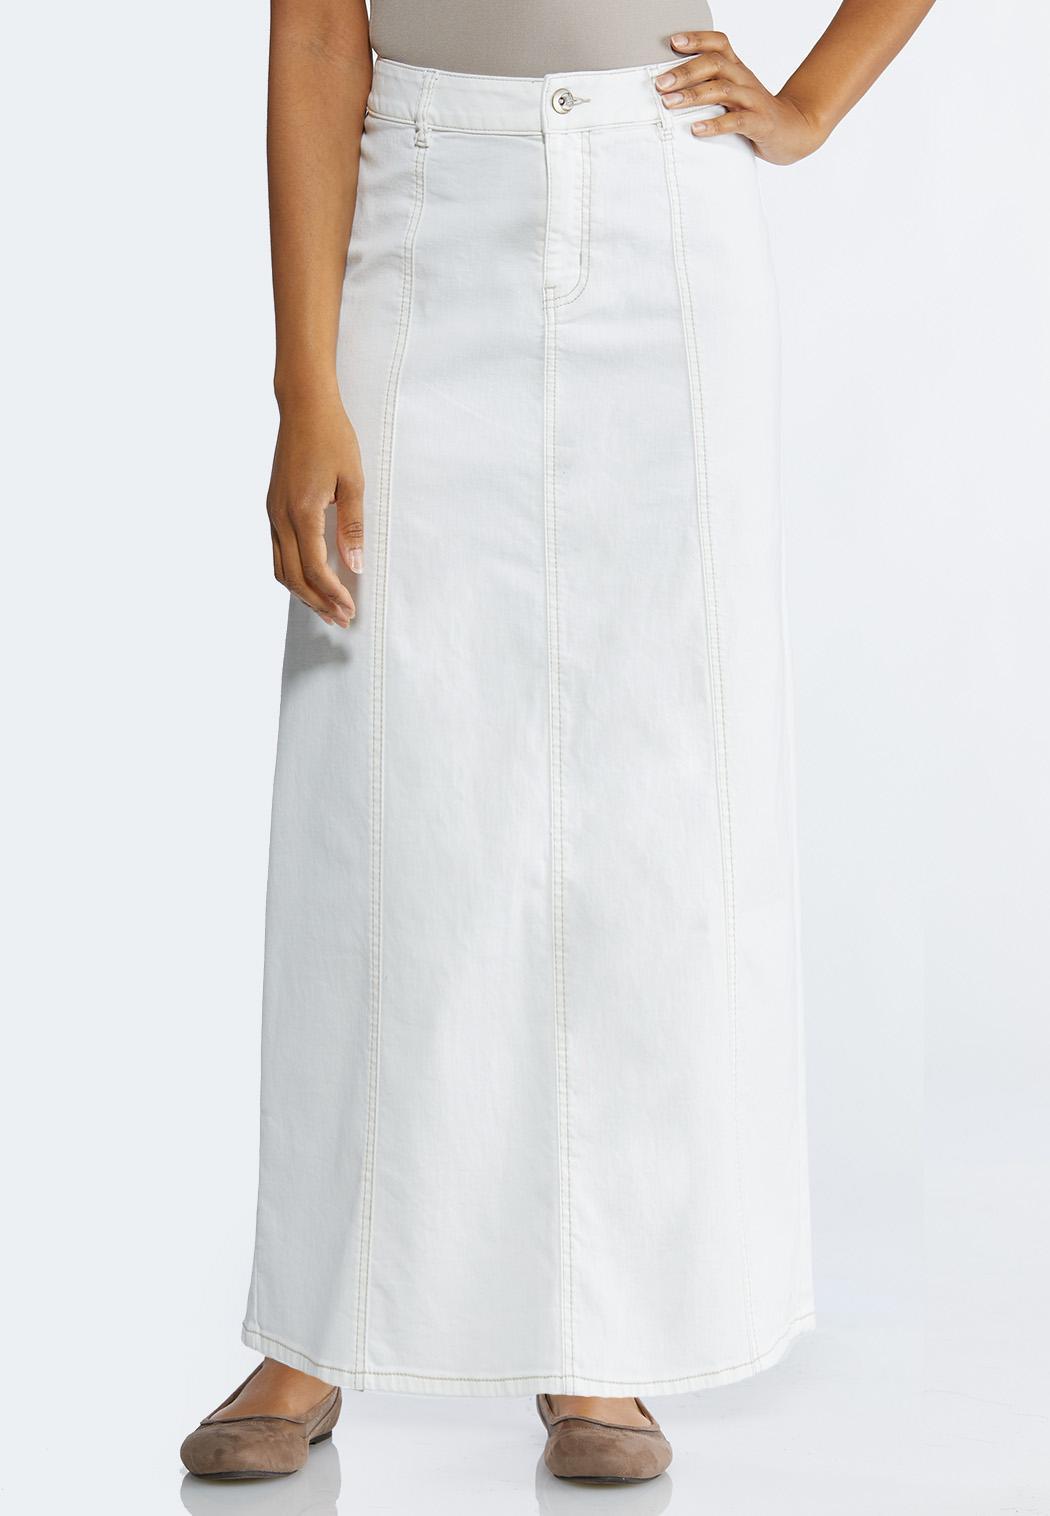 07f4b7262b2 Plus Size White Denim Maxi Skirt Skirts Cato Fashions